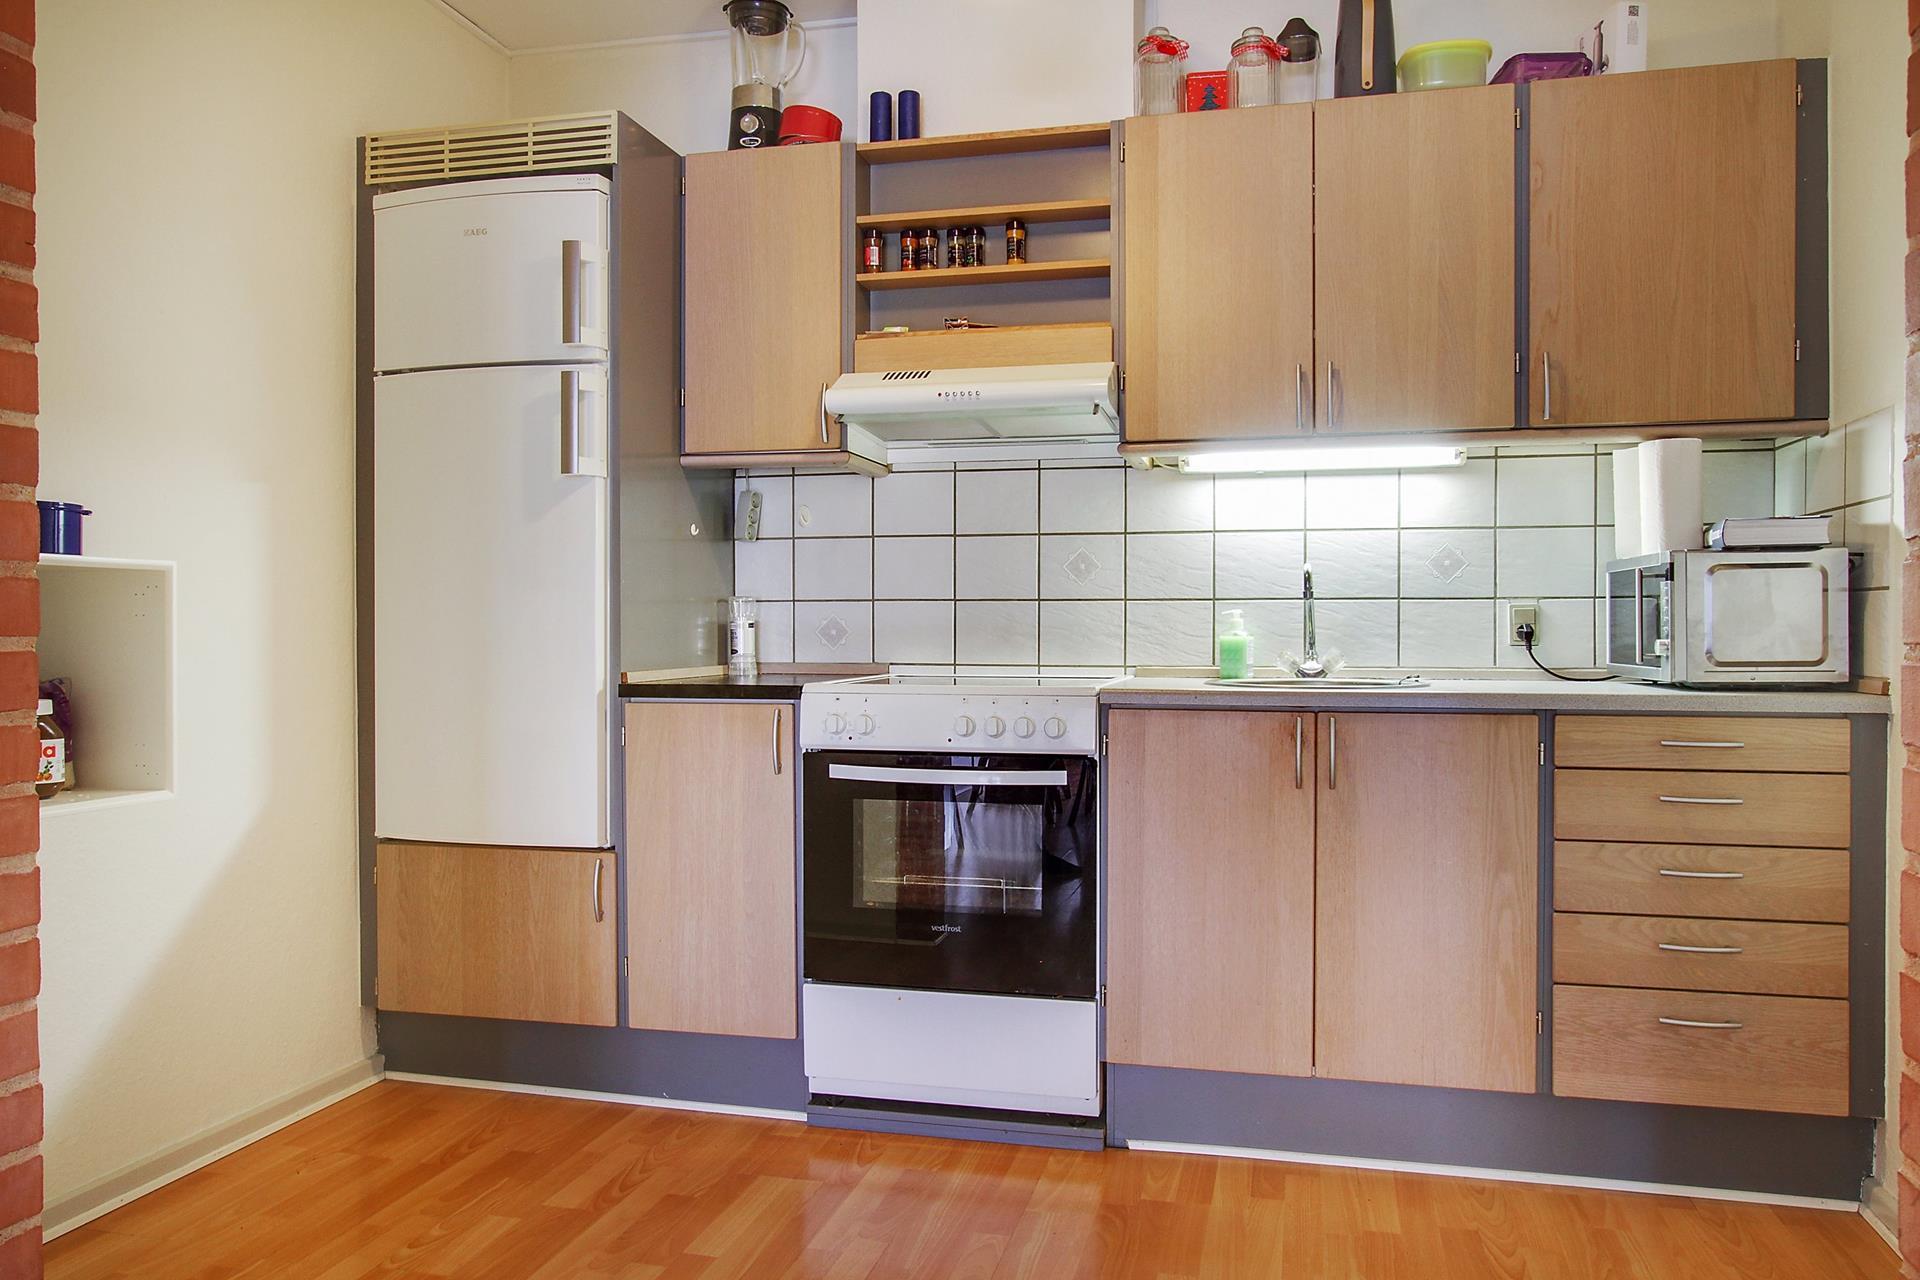 Bolig/erhverv på Struervej i Holstebro - Køkken